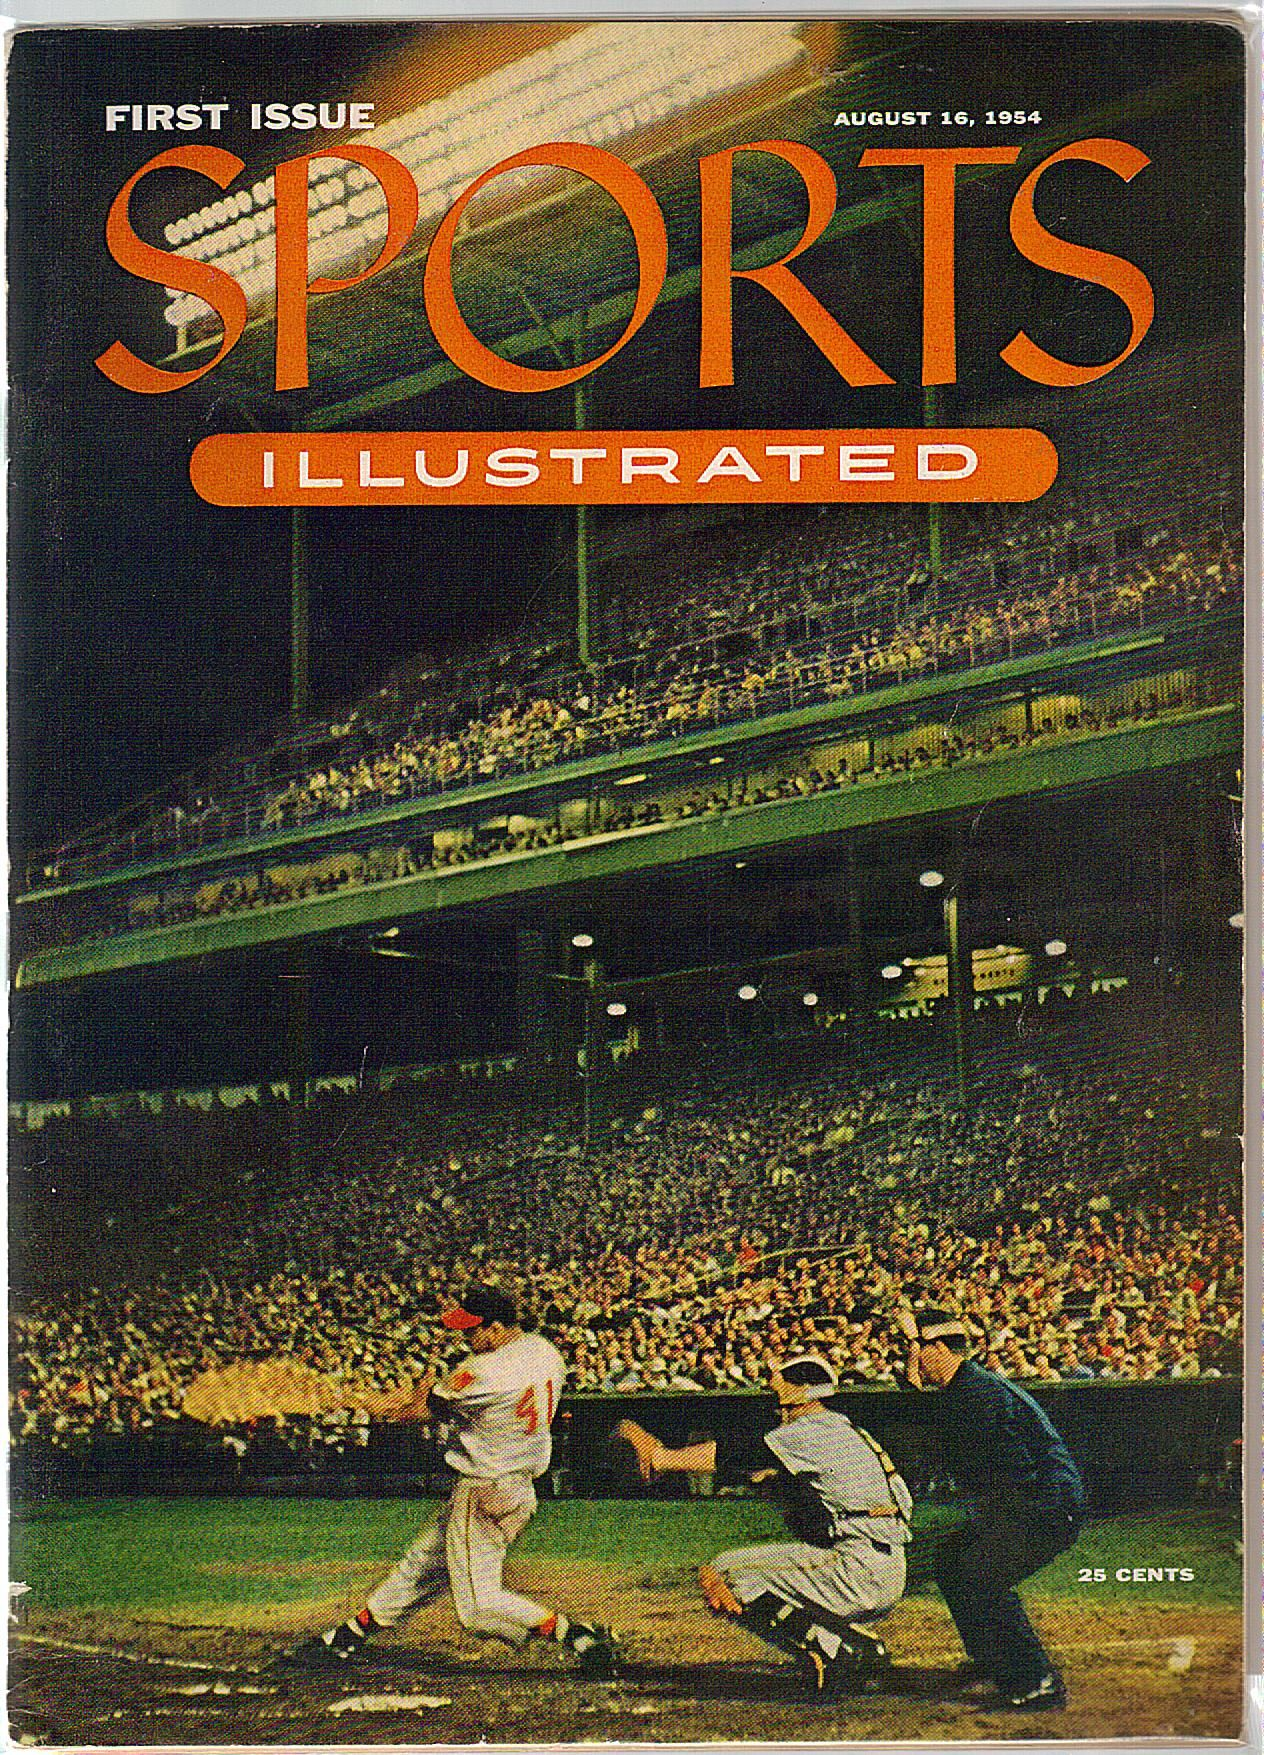 Eddie Mathews Sports Illustrated Debut